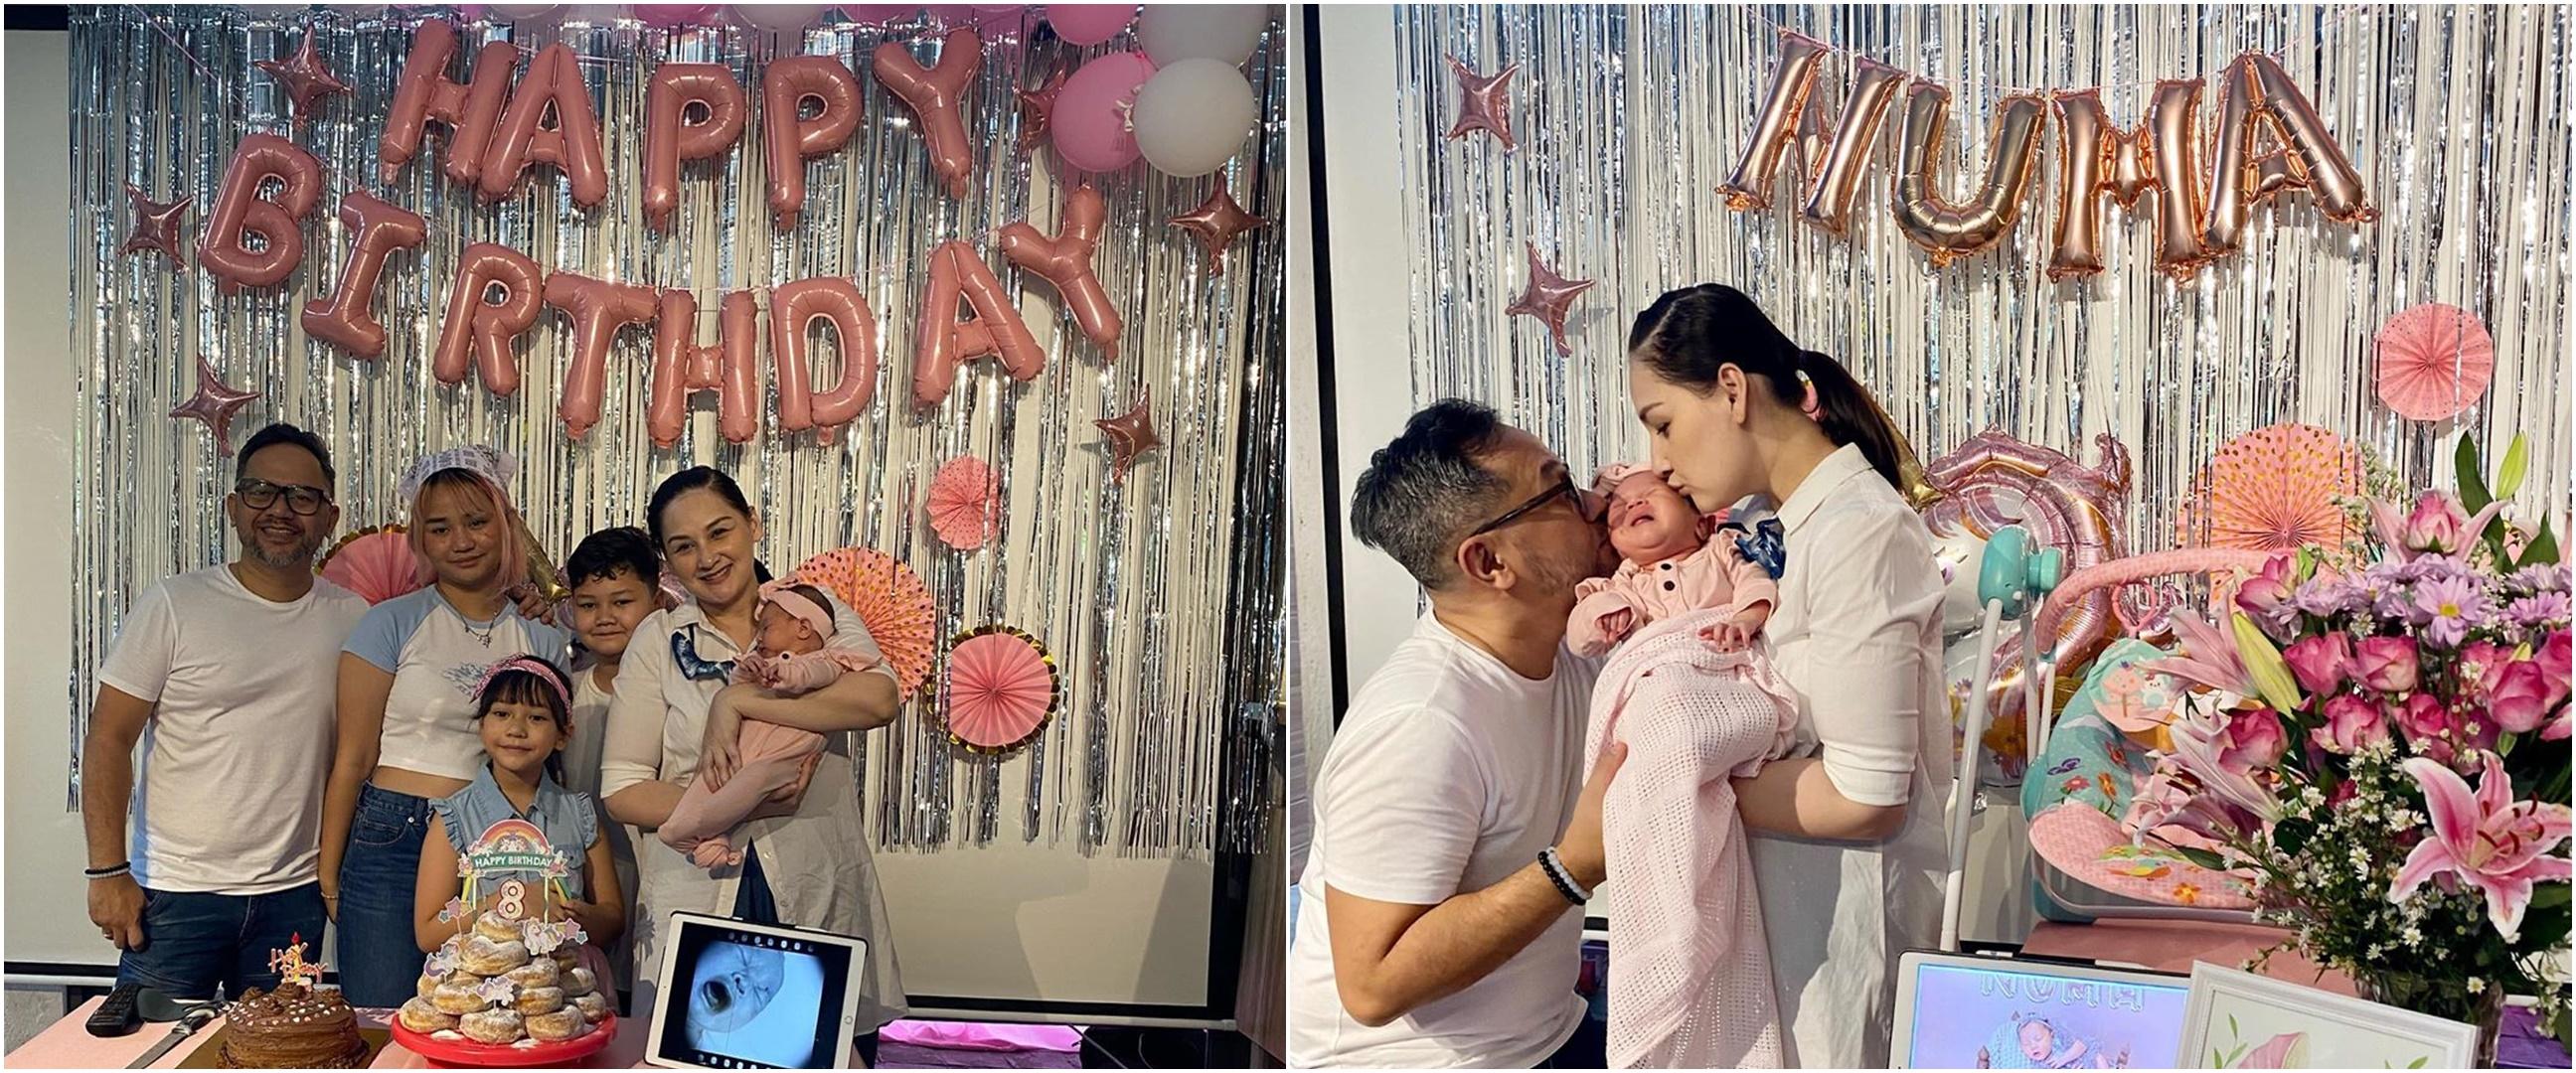 8 Momen hangat Mona Ratuliu rayakan ulang tahun & akikah anaknya